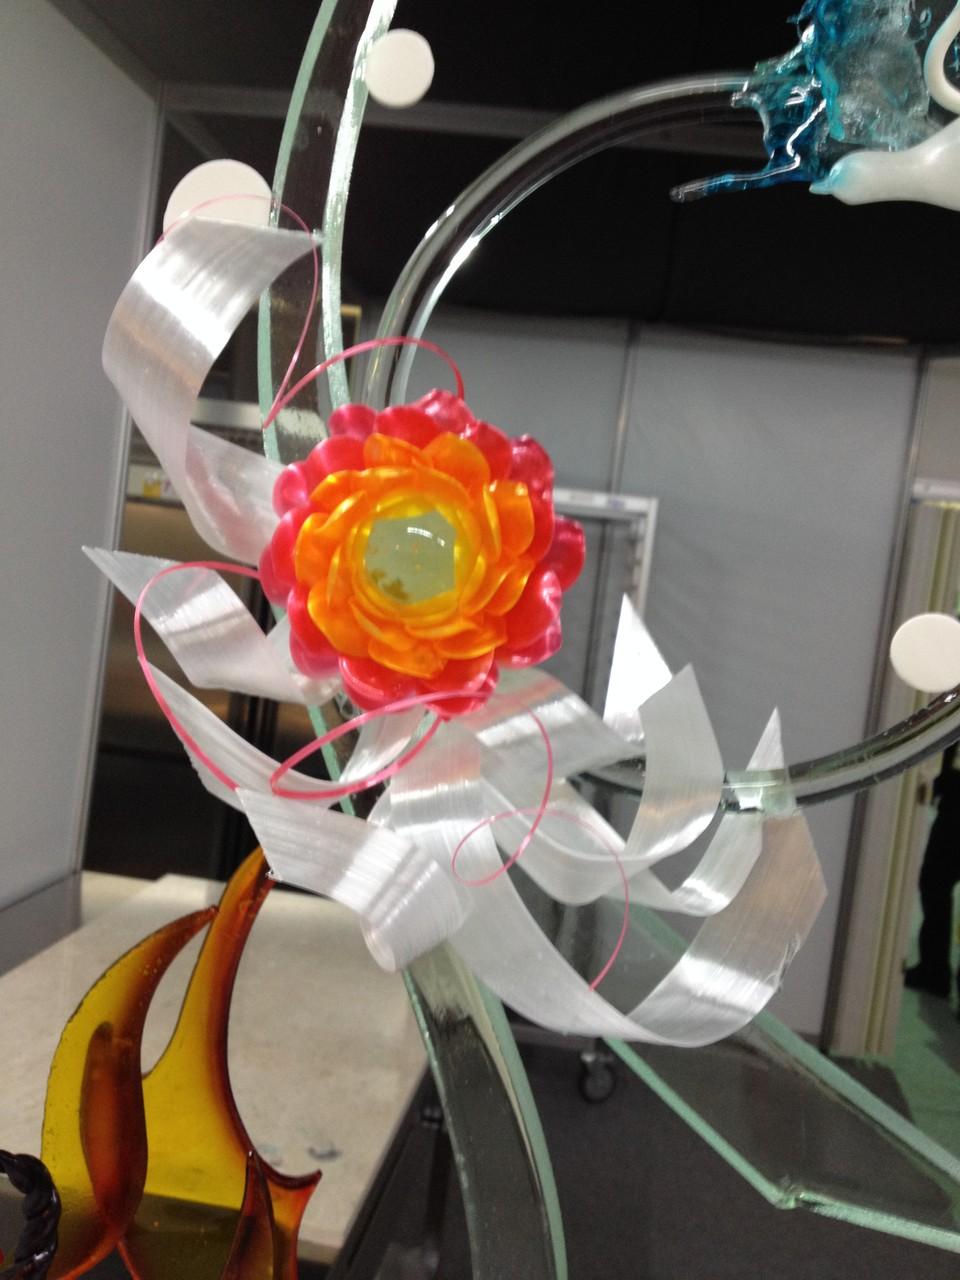 Detailansicht der Blumen und Bänder